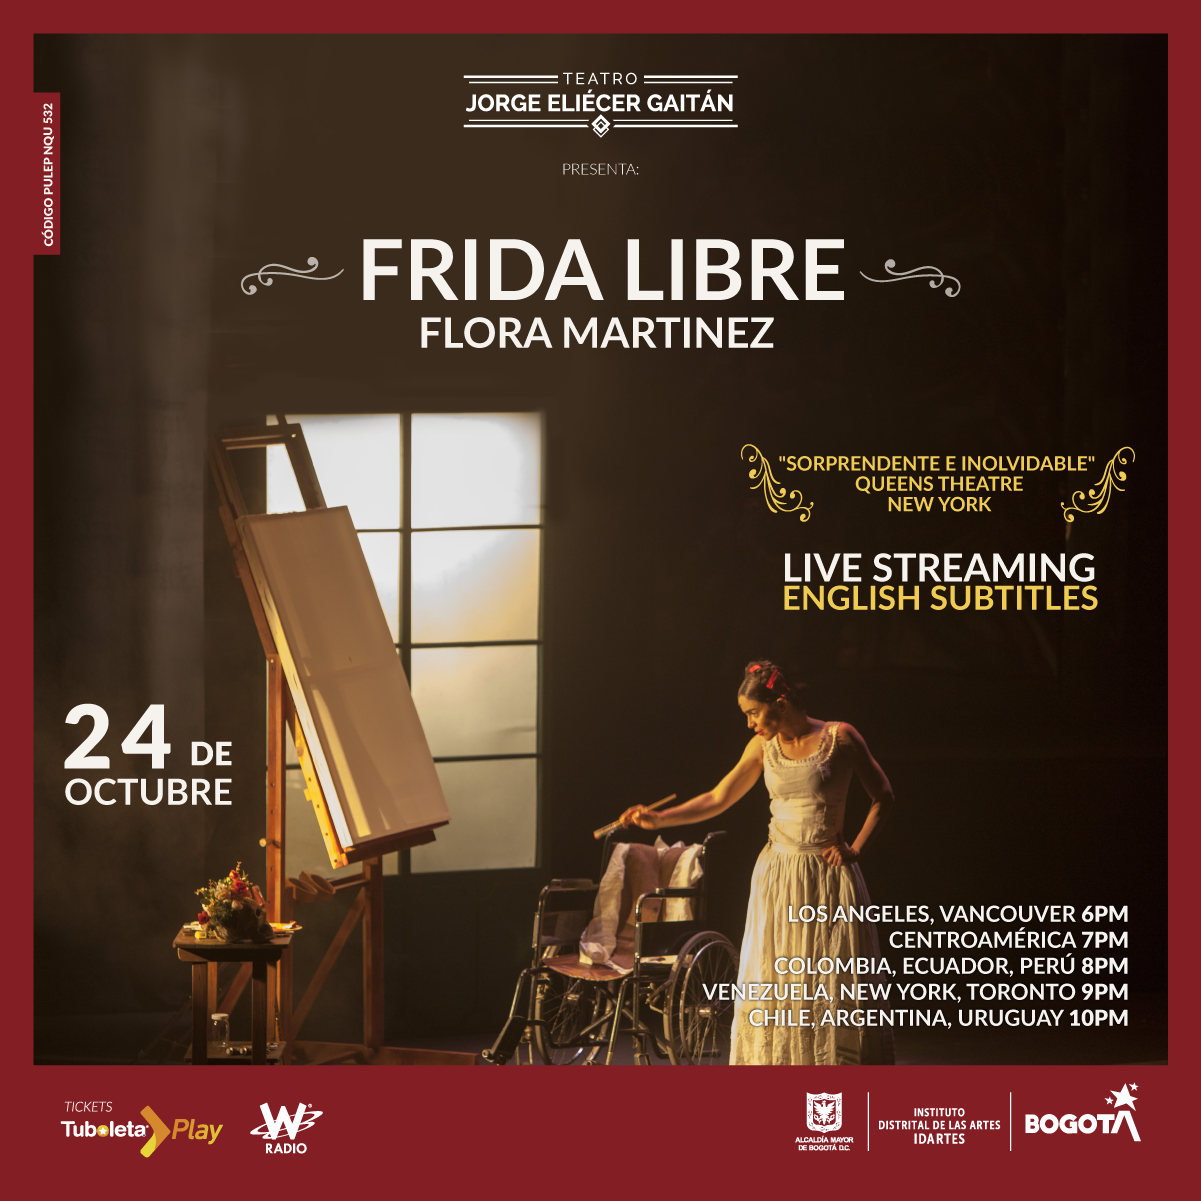 Flora Martínez estrena versión de Frida Libre para el Gaitán - unnamed-4